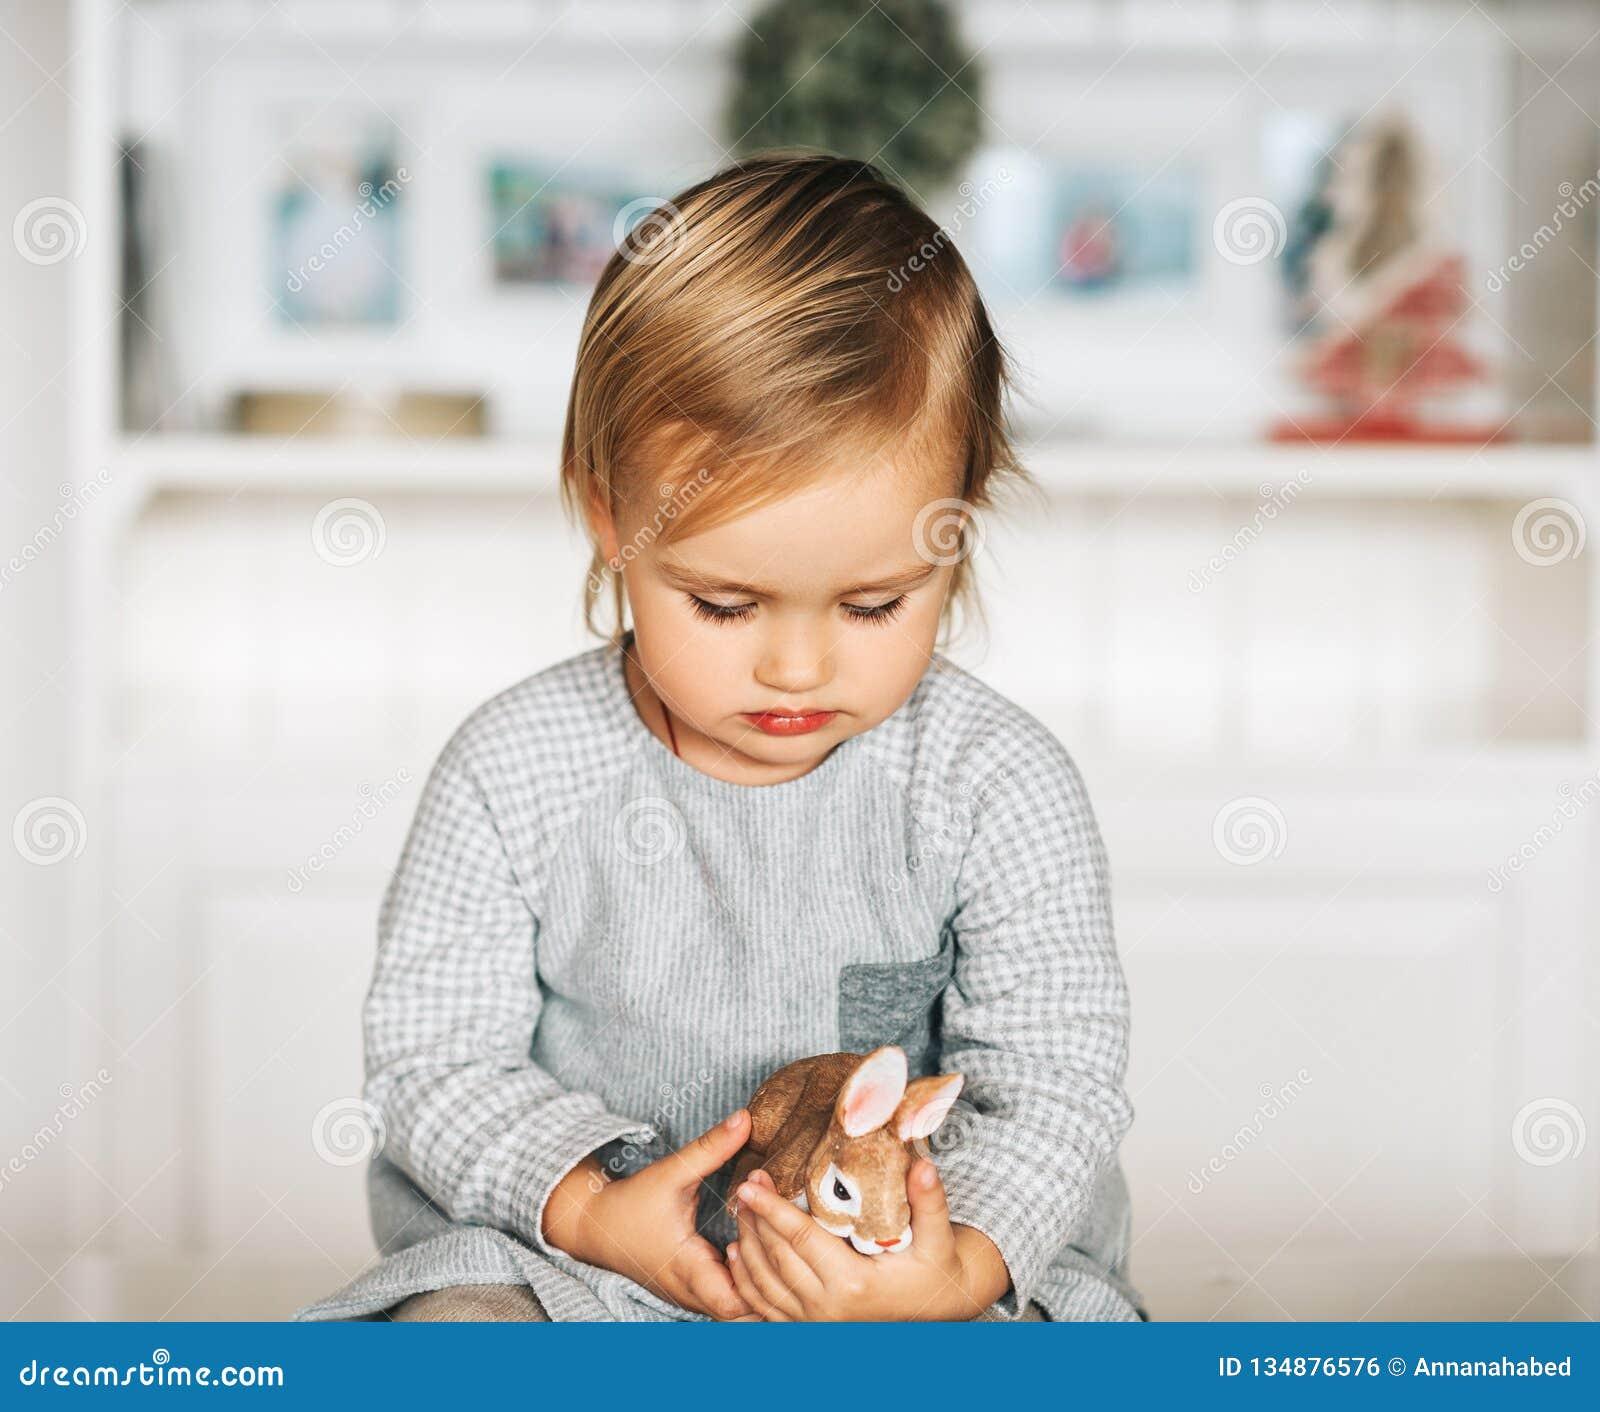 Мальчик и девочка играют в карты и голден стар лос анжелес турфирма